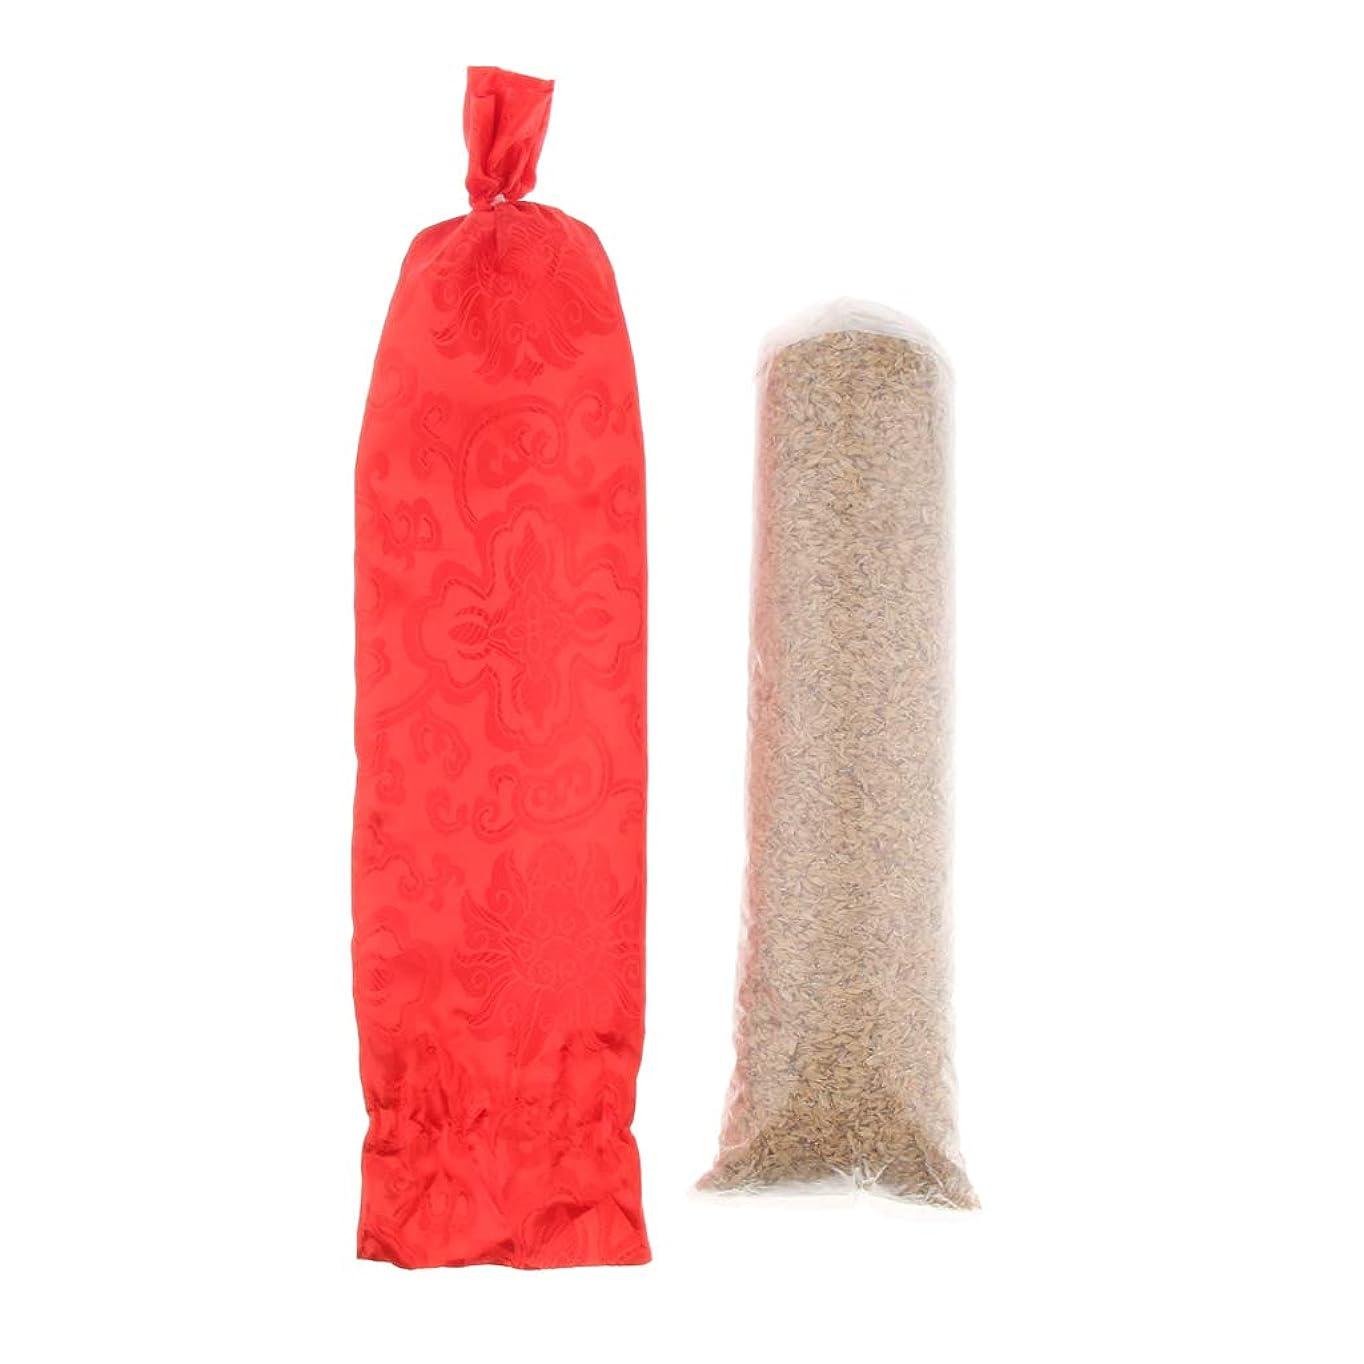 着飾るもっと指Baoblaze ラウンド 頚部枕 ロール枕 洗濯可能なカバー サポートピロー